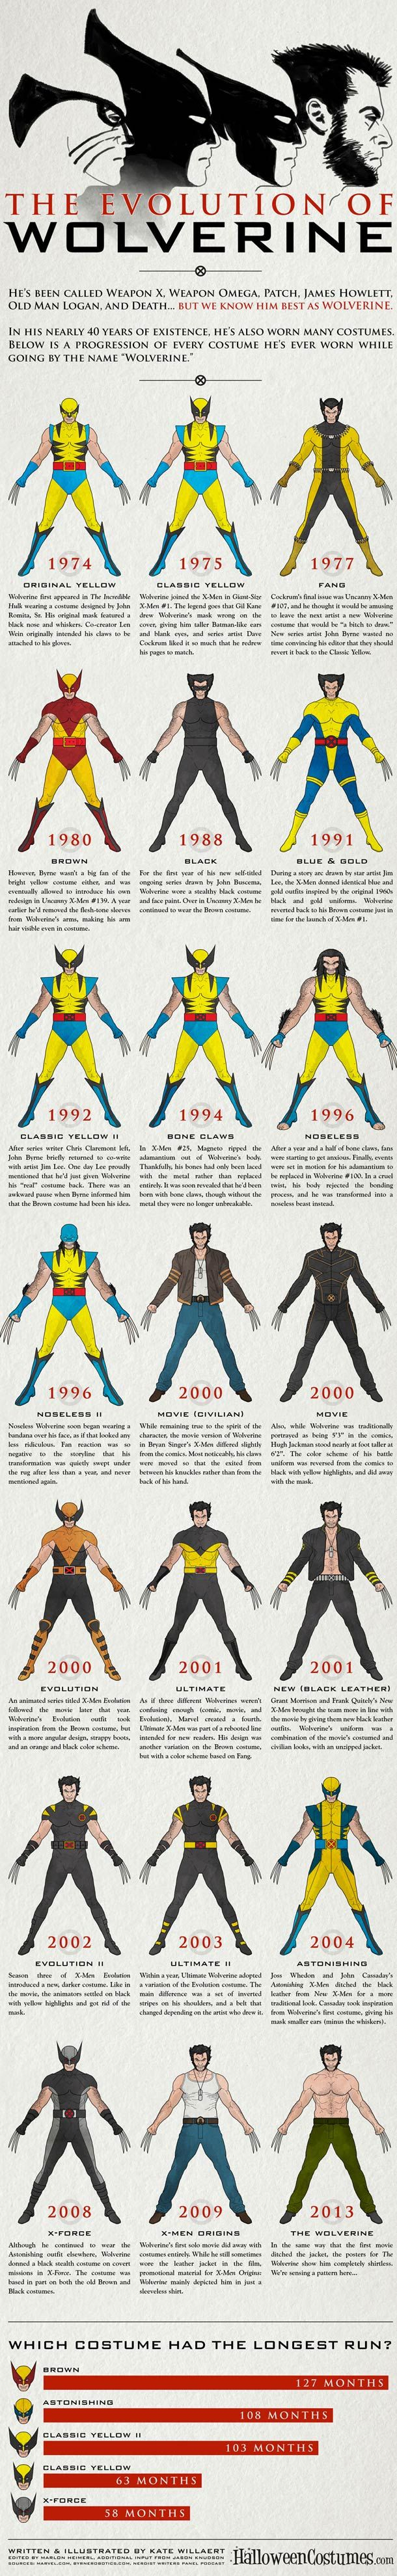 L'évolution de Wolverine (X-Men) selon les années